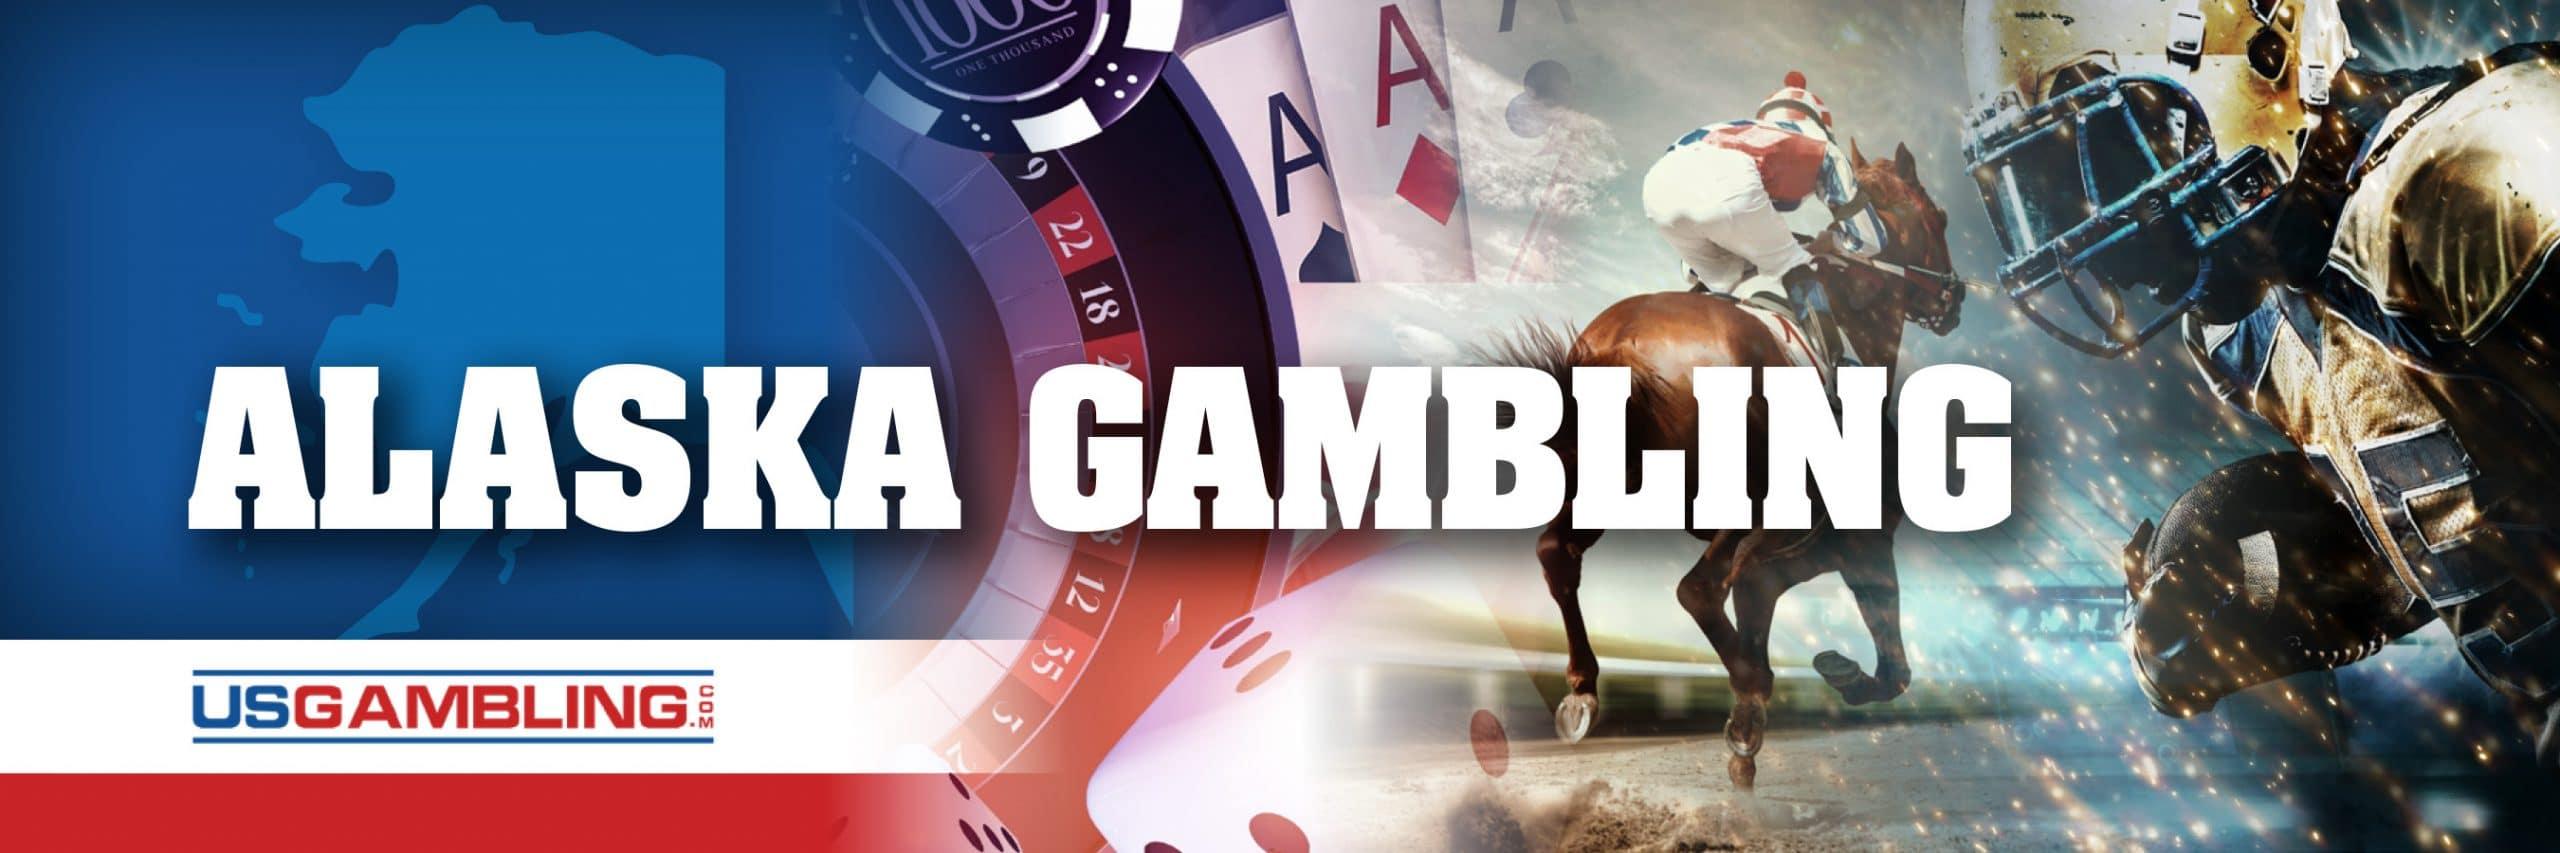 Legal Alaska Gambling